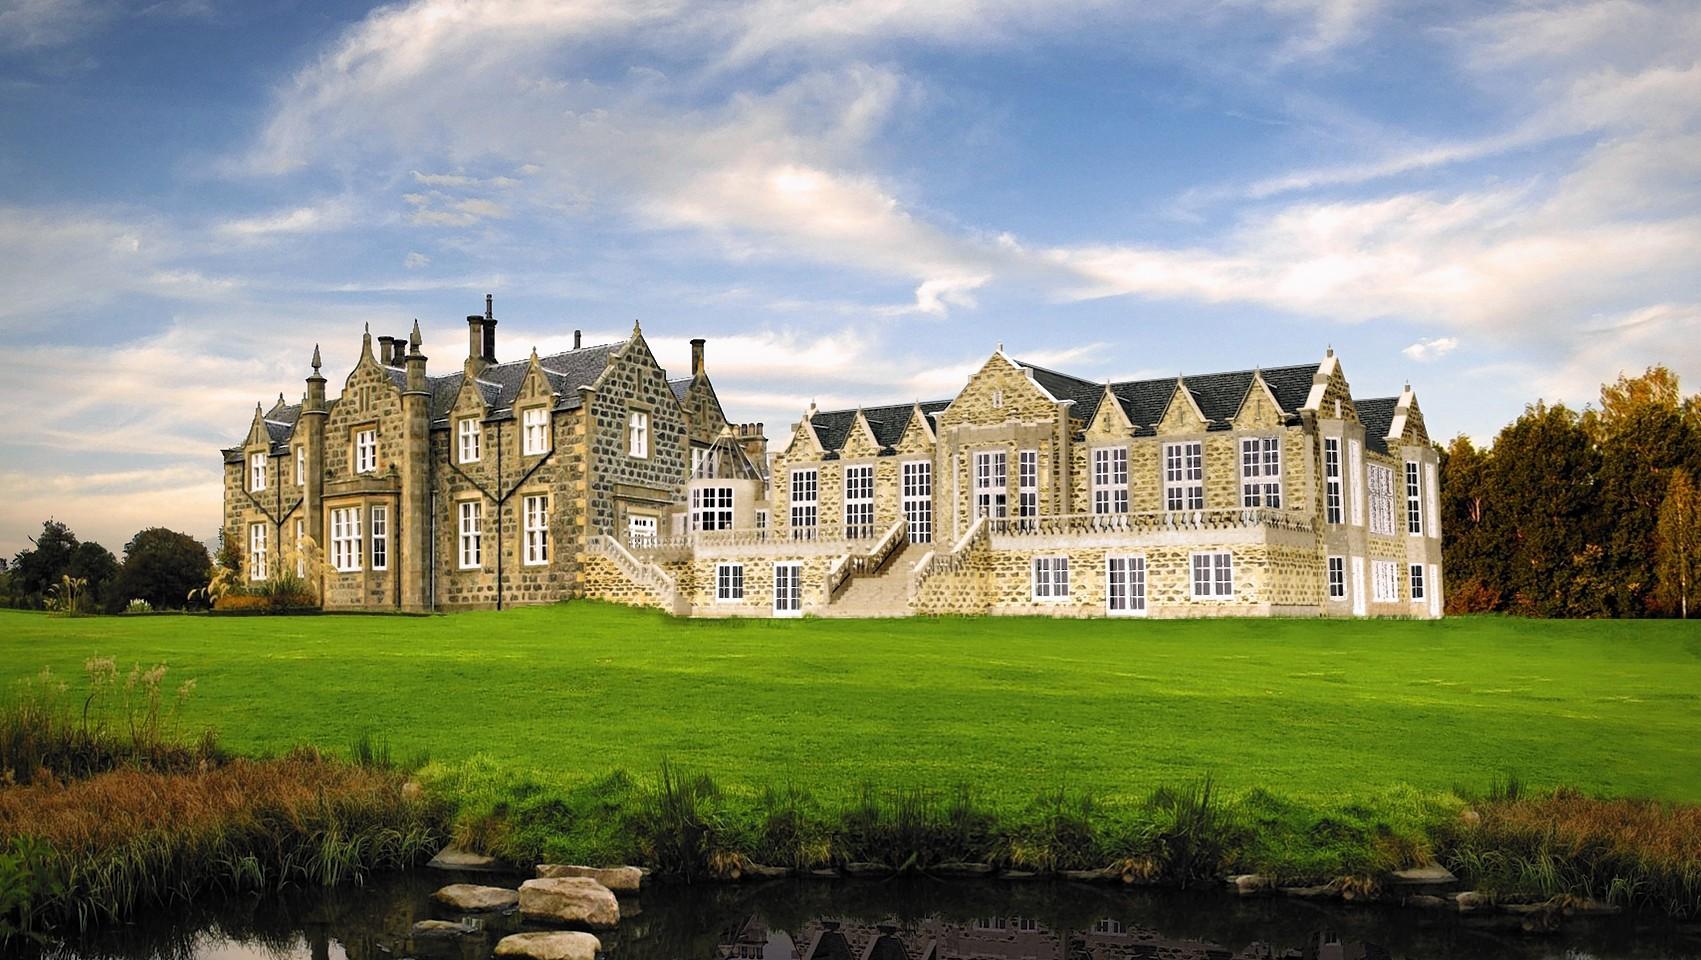 Trump Golf Resort Aberdeen: Links Course Scotland - e ...